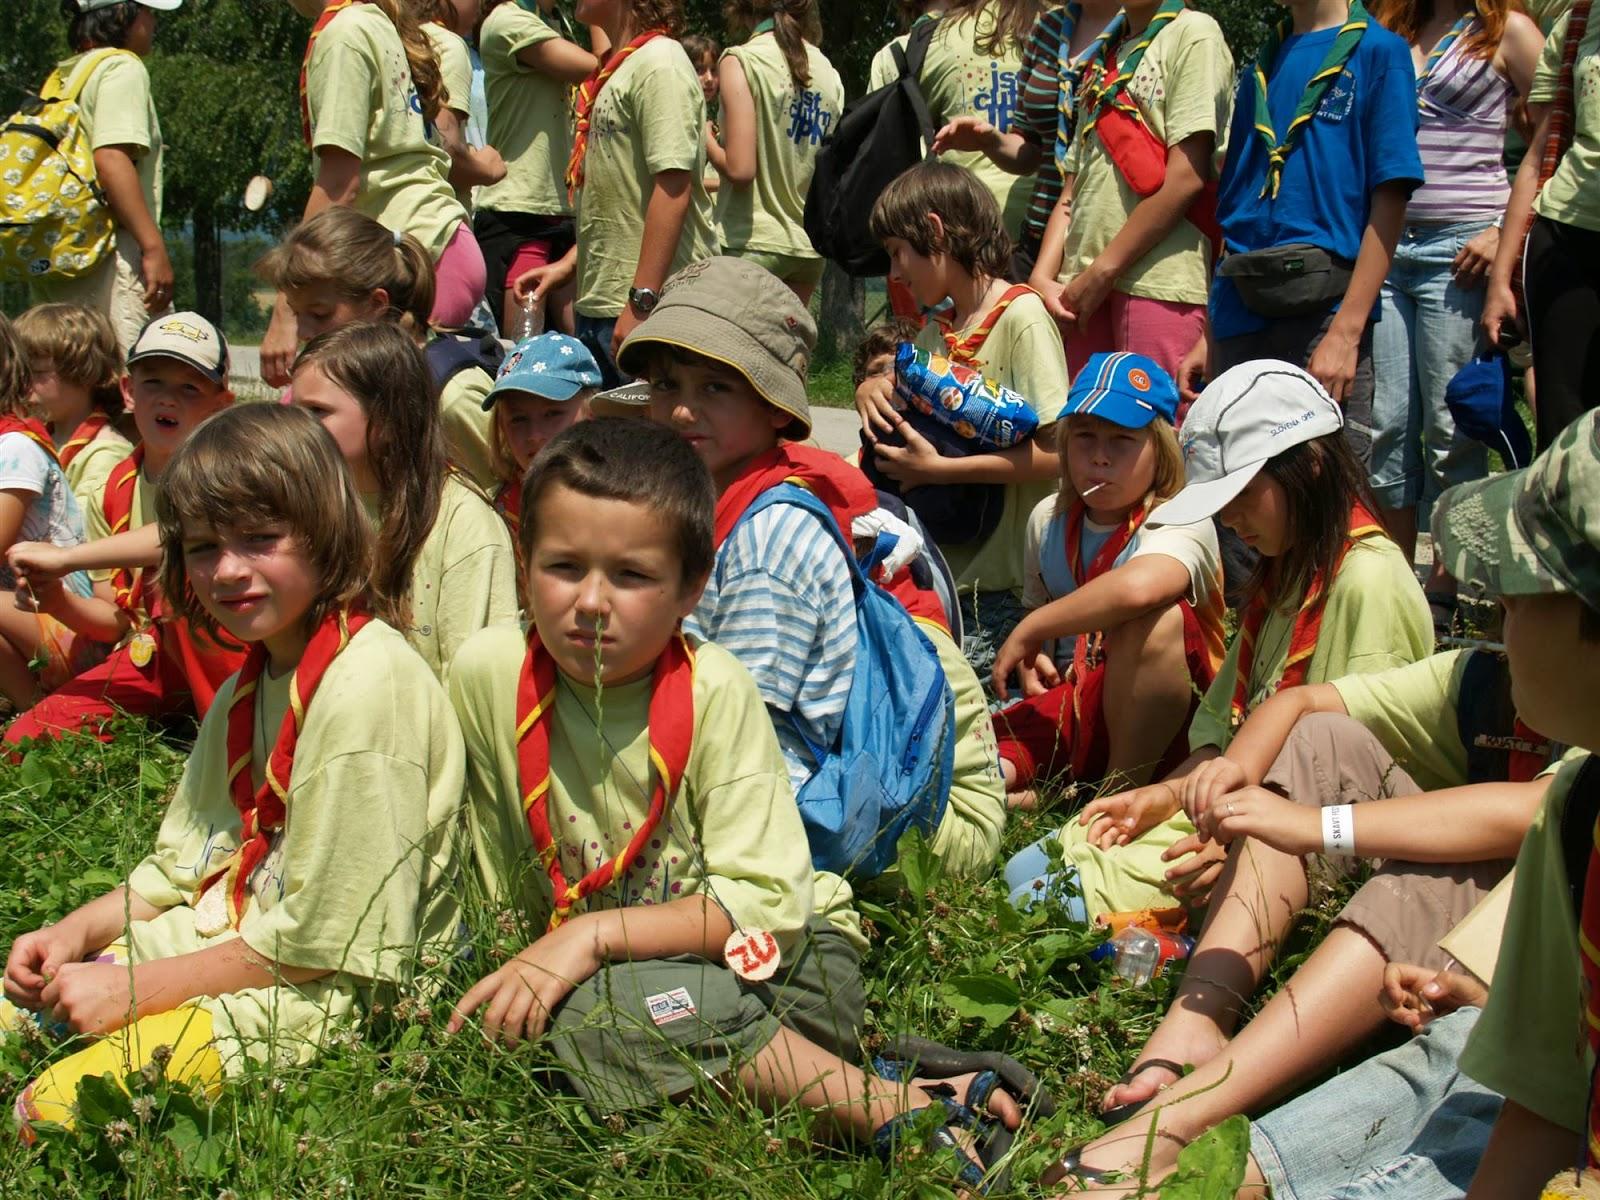 Državni mnogoboj, Velenje 2007 - P0177370_2.JPG